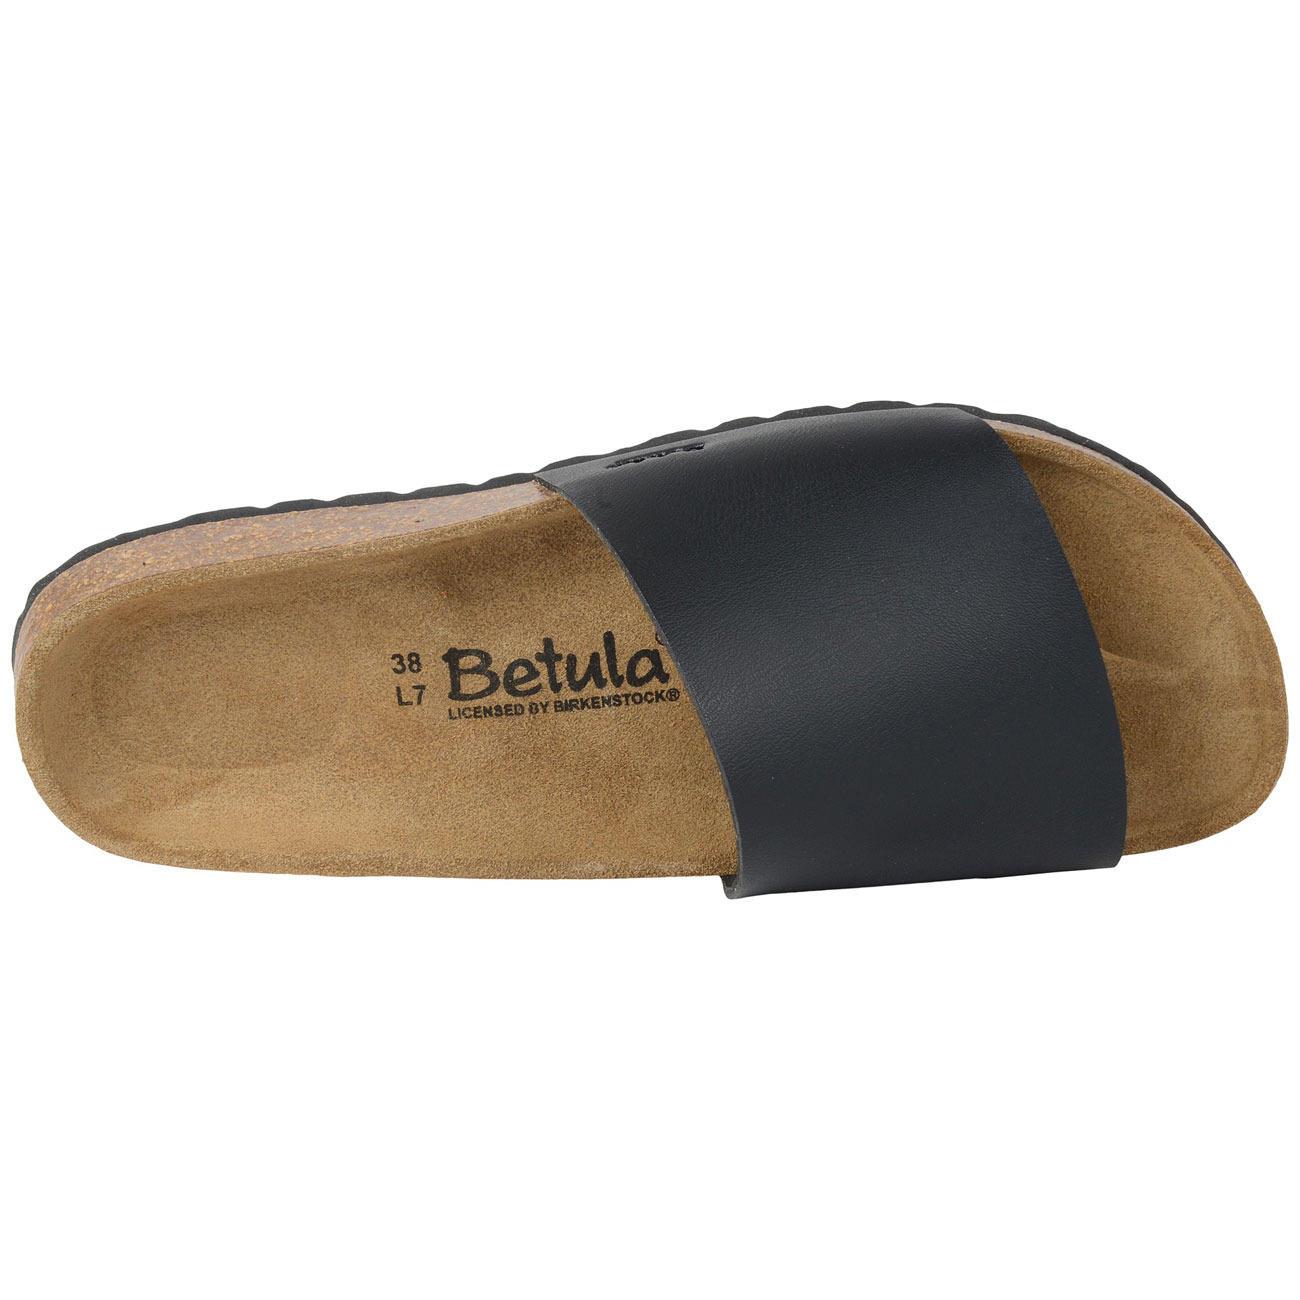 Betula レゲエ(REGGAE) ブラック